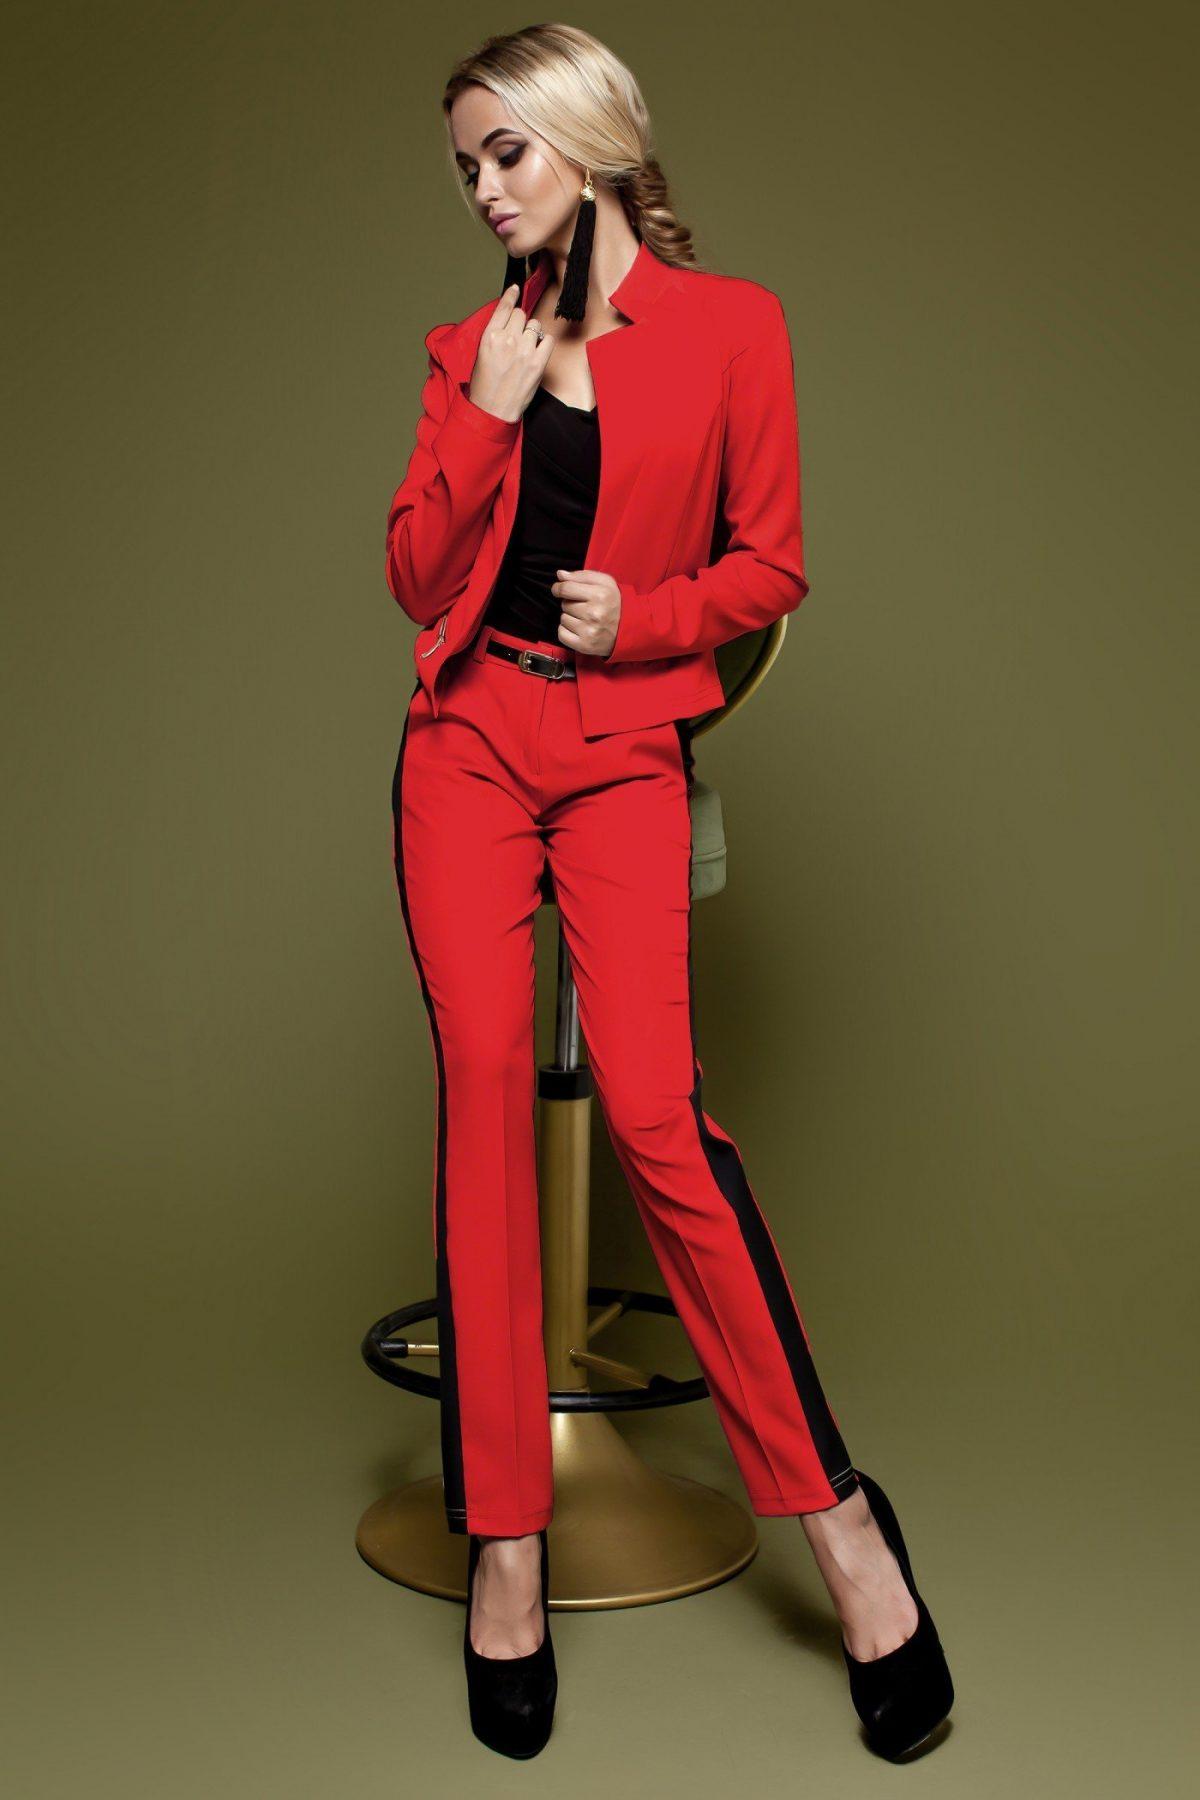 модные яркие костюмы красный женский 2018 год с лампасами